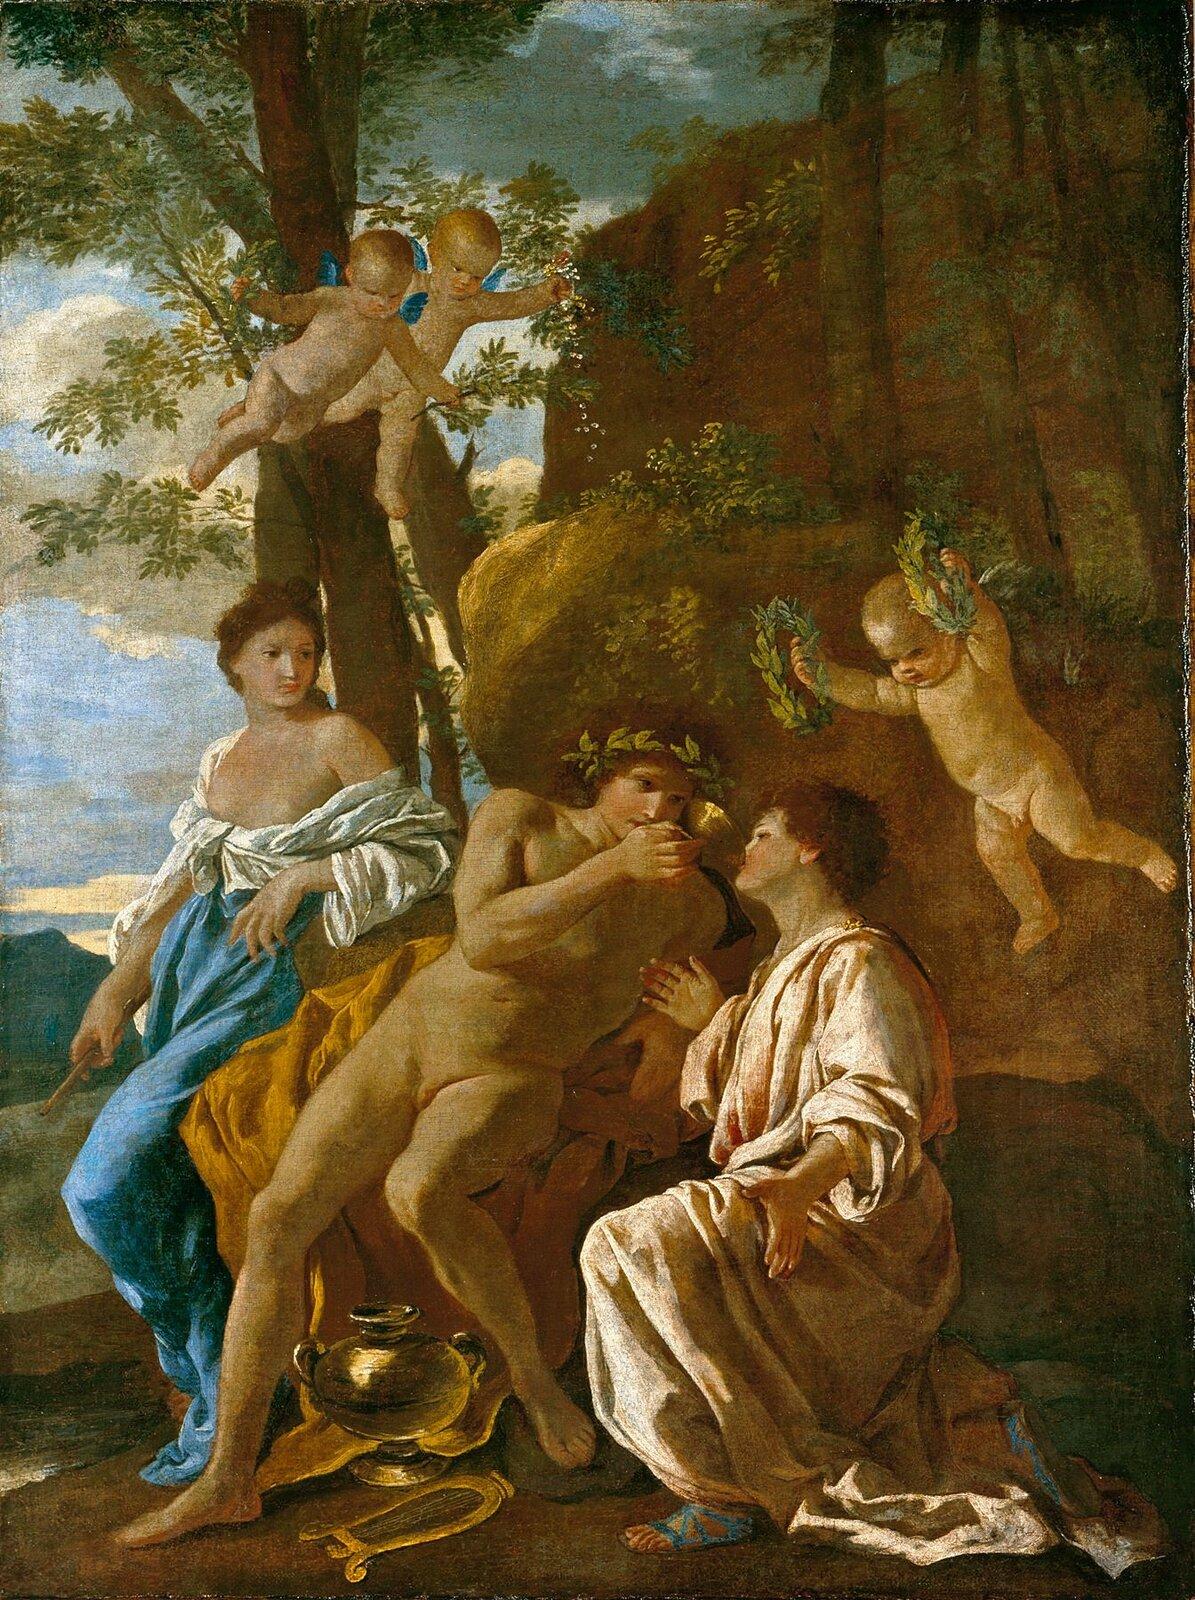 Natchnienie poety Nicolas Poussin (francuski malarz zXVII wieku) tak sobie wyobrażał Natchnienie poety (1628–1629). Źródło: Nicolas Poussin, Natchnienie poety, 1628, Państwowe Muzeum Dolnej Saksonii, domena publiczna.